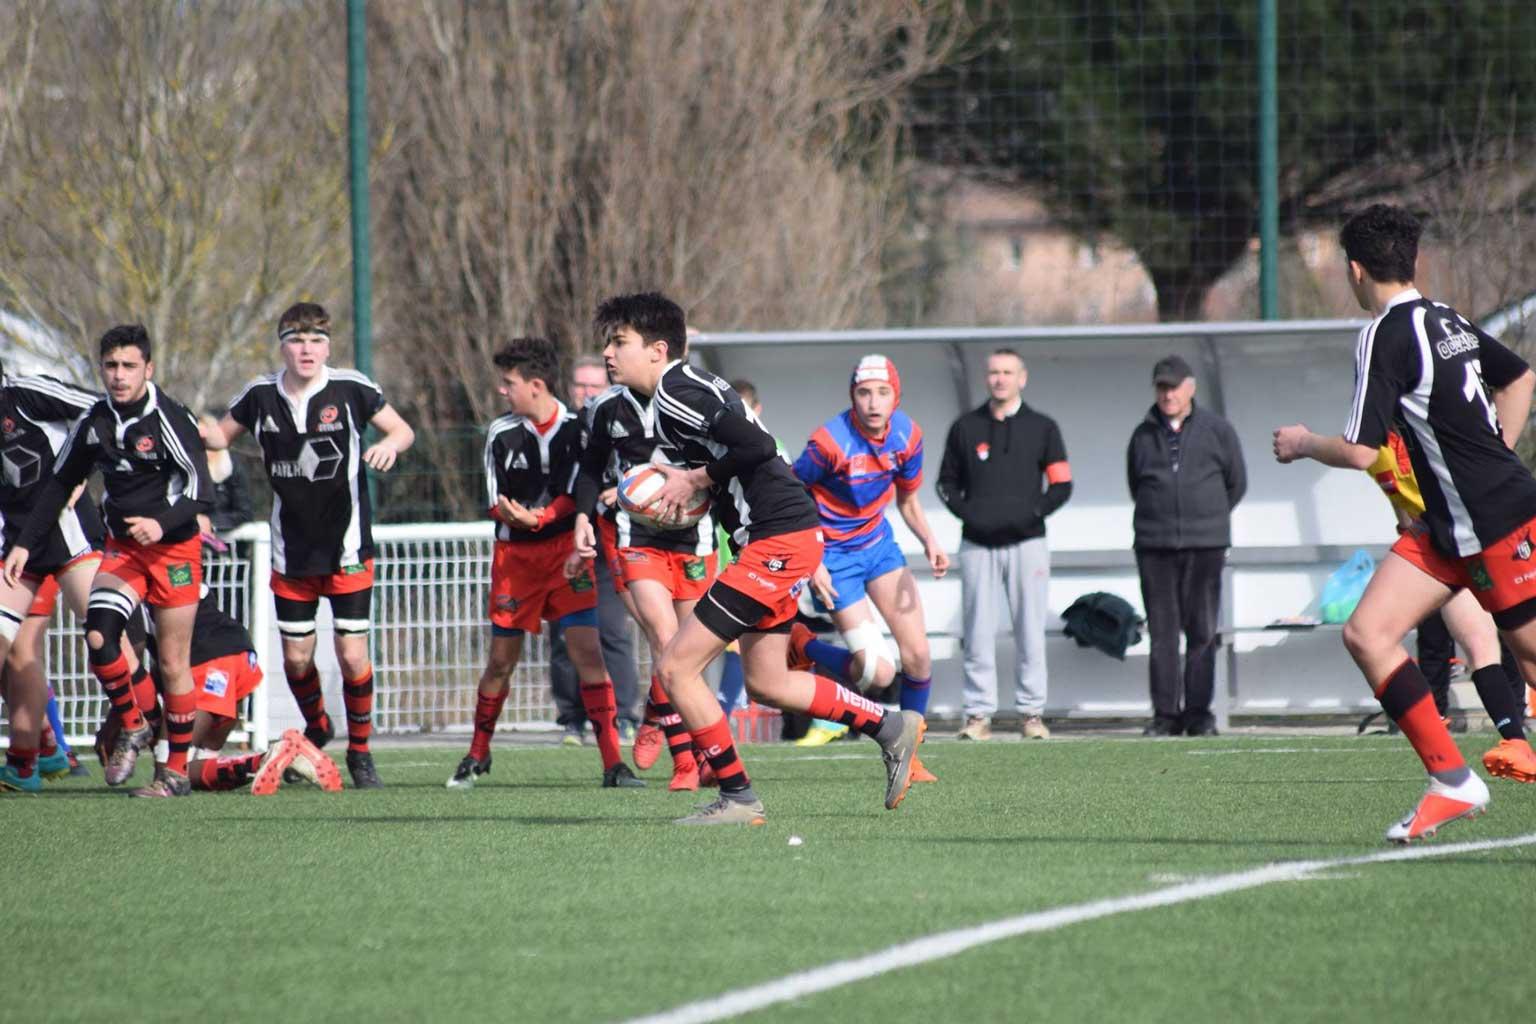 © 2019 Maeva Franco - U16 - Toulouse U.C. vs S.C. Graulhet